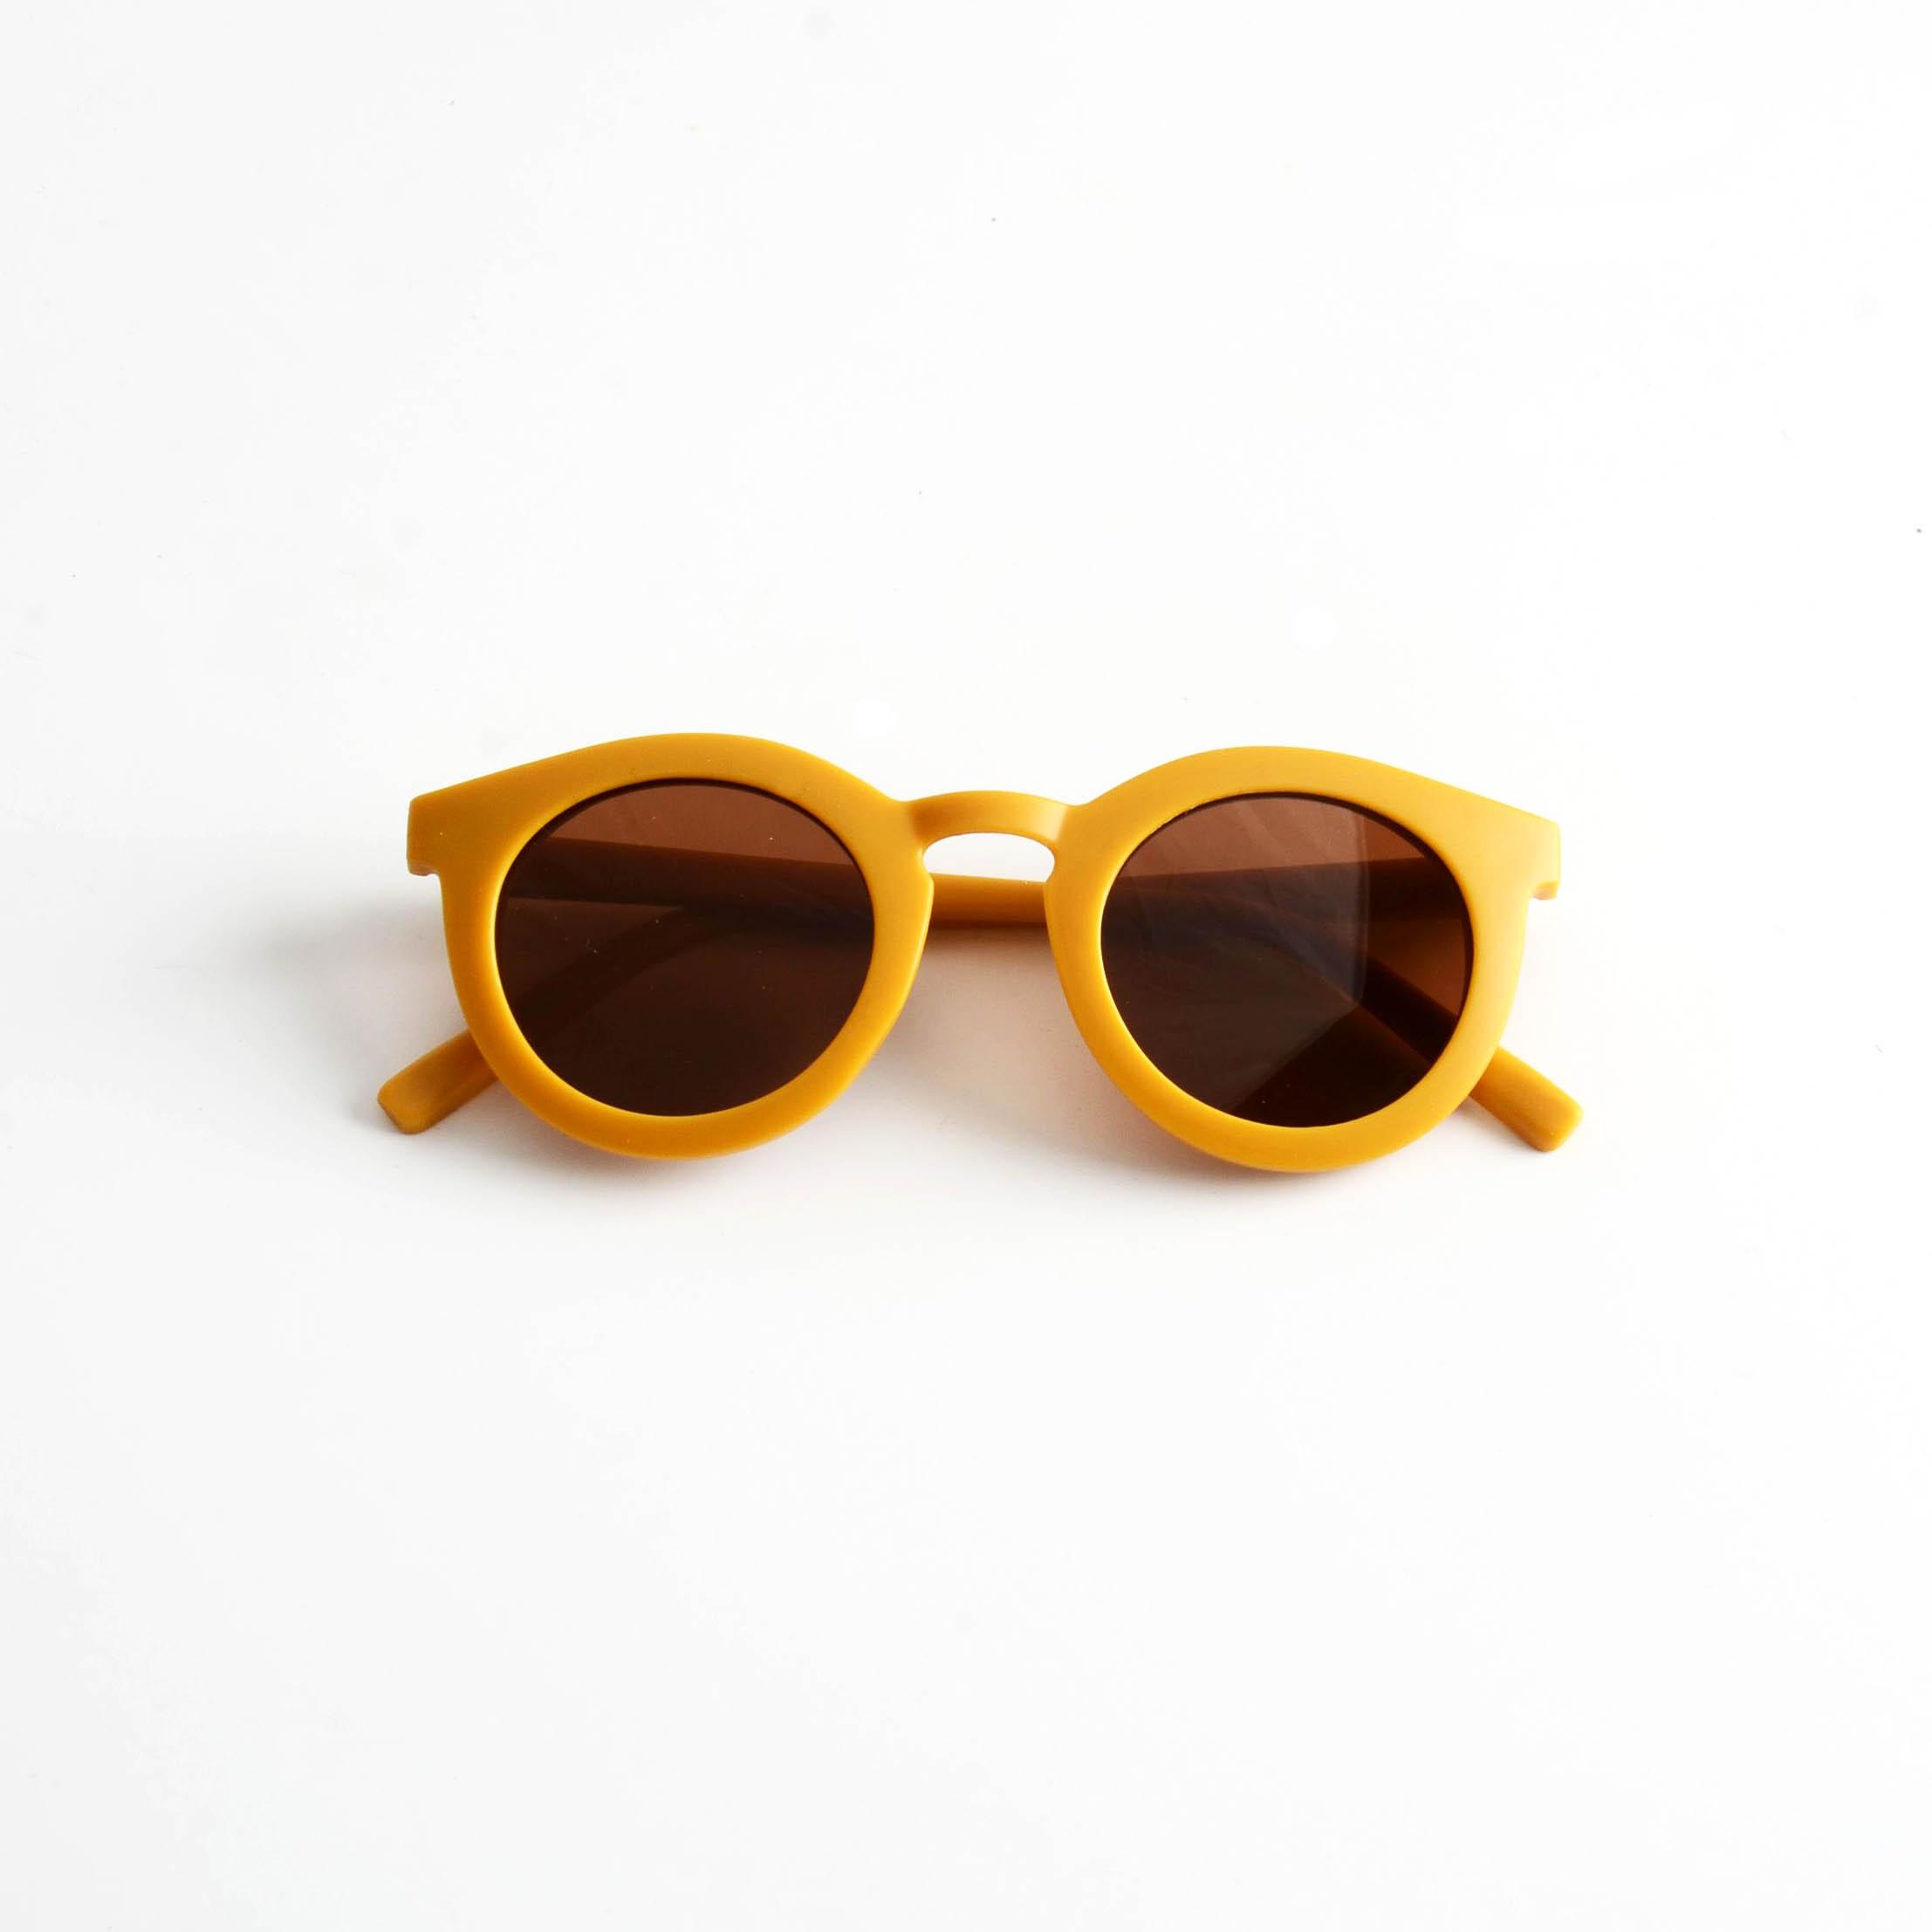 Sunglasses Golden  12.5cm  x 14cm